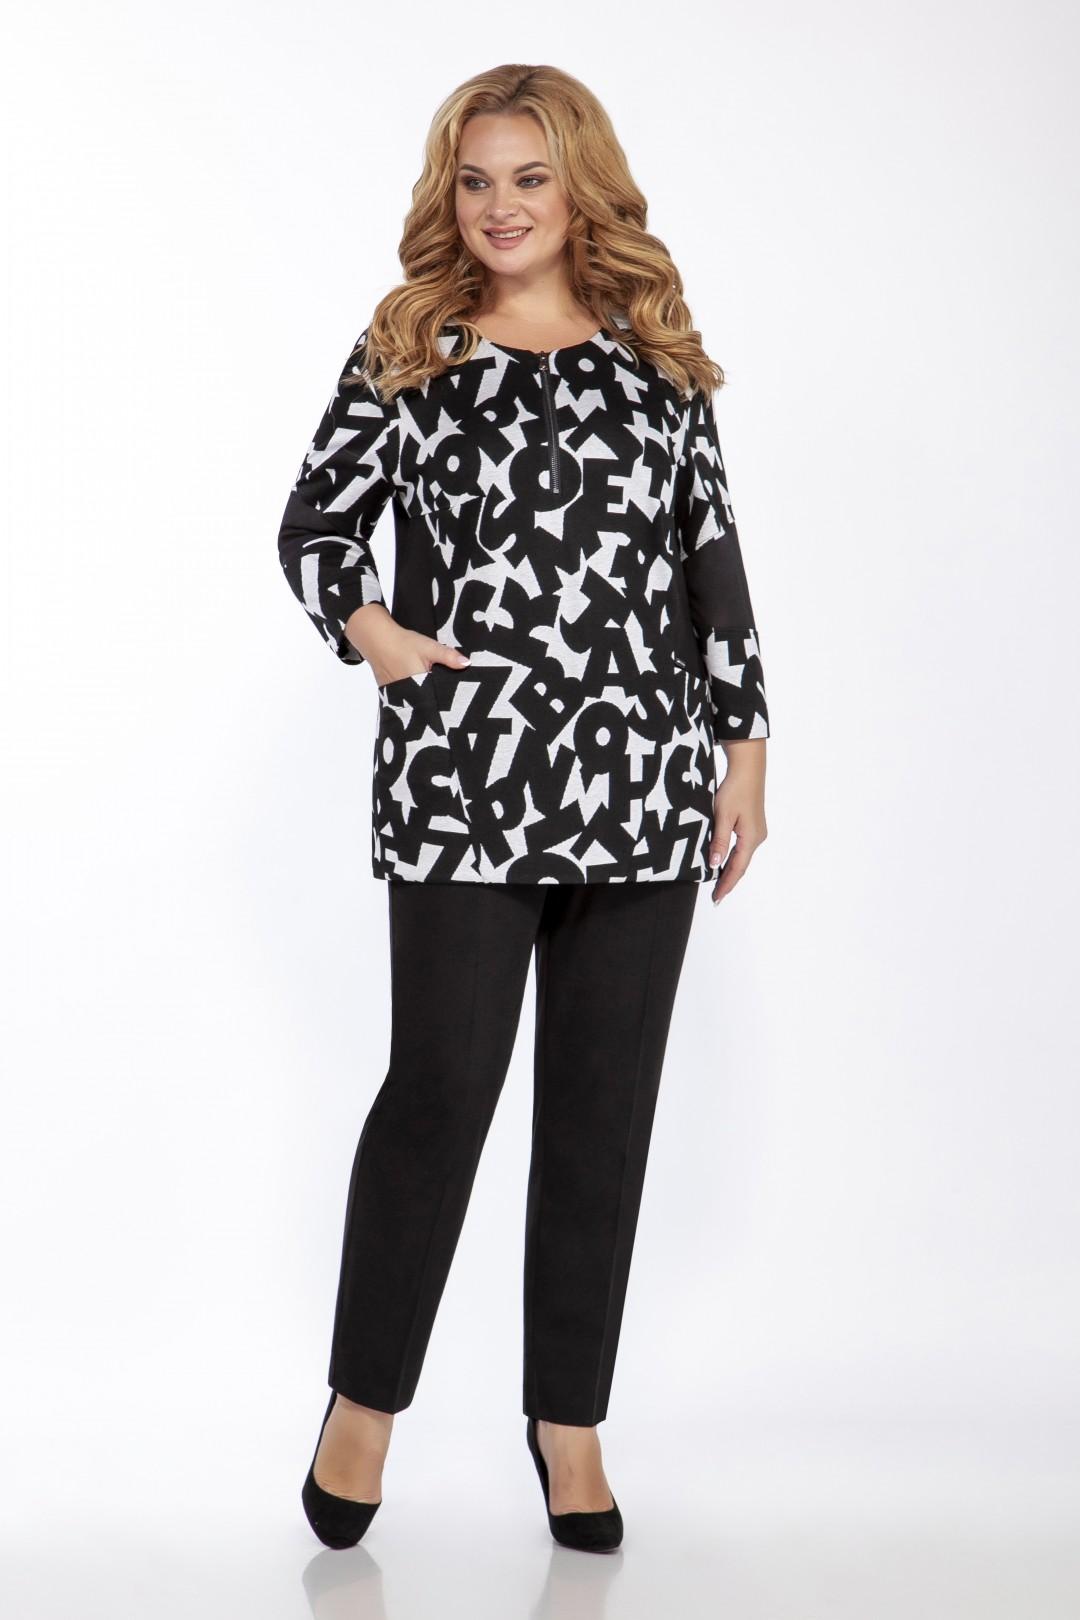 Блуза EMILIA STYLE 2100 черный принт